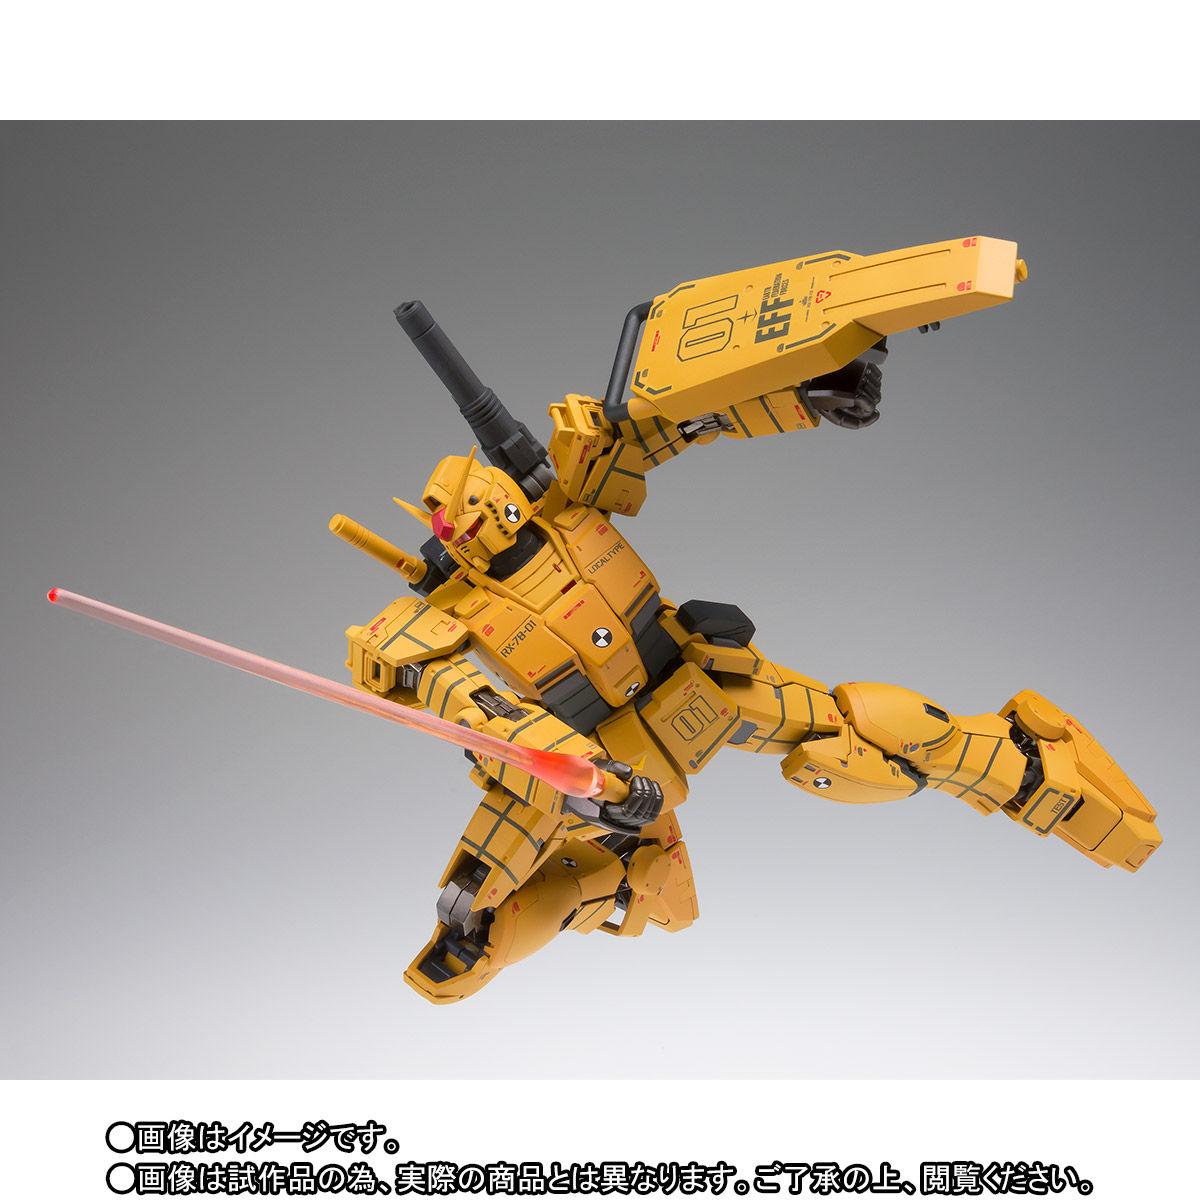 【限定販売】FIX FIGURATION METAL COMPOSITE『RX-78-01 ガンダム [N] 局地型ガンダム(ロールアウトカラー)』ガンダムMSD 可動フィギュア-005